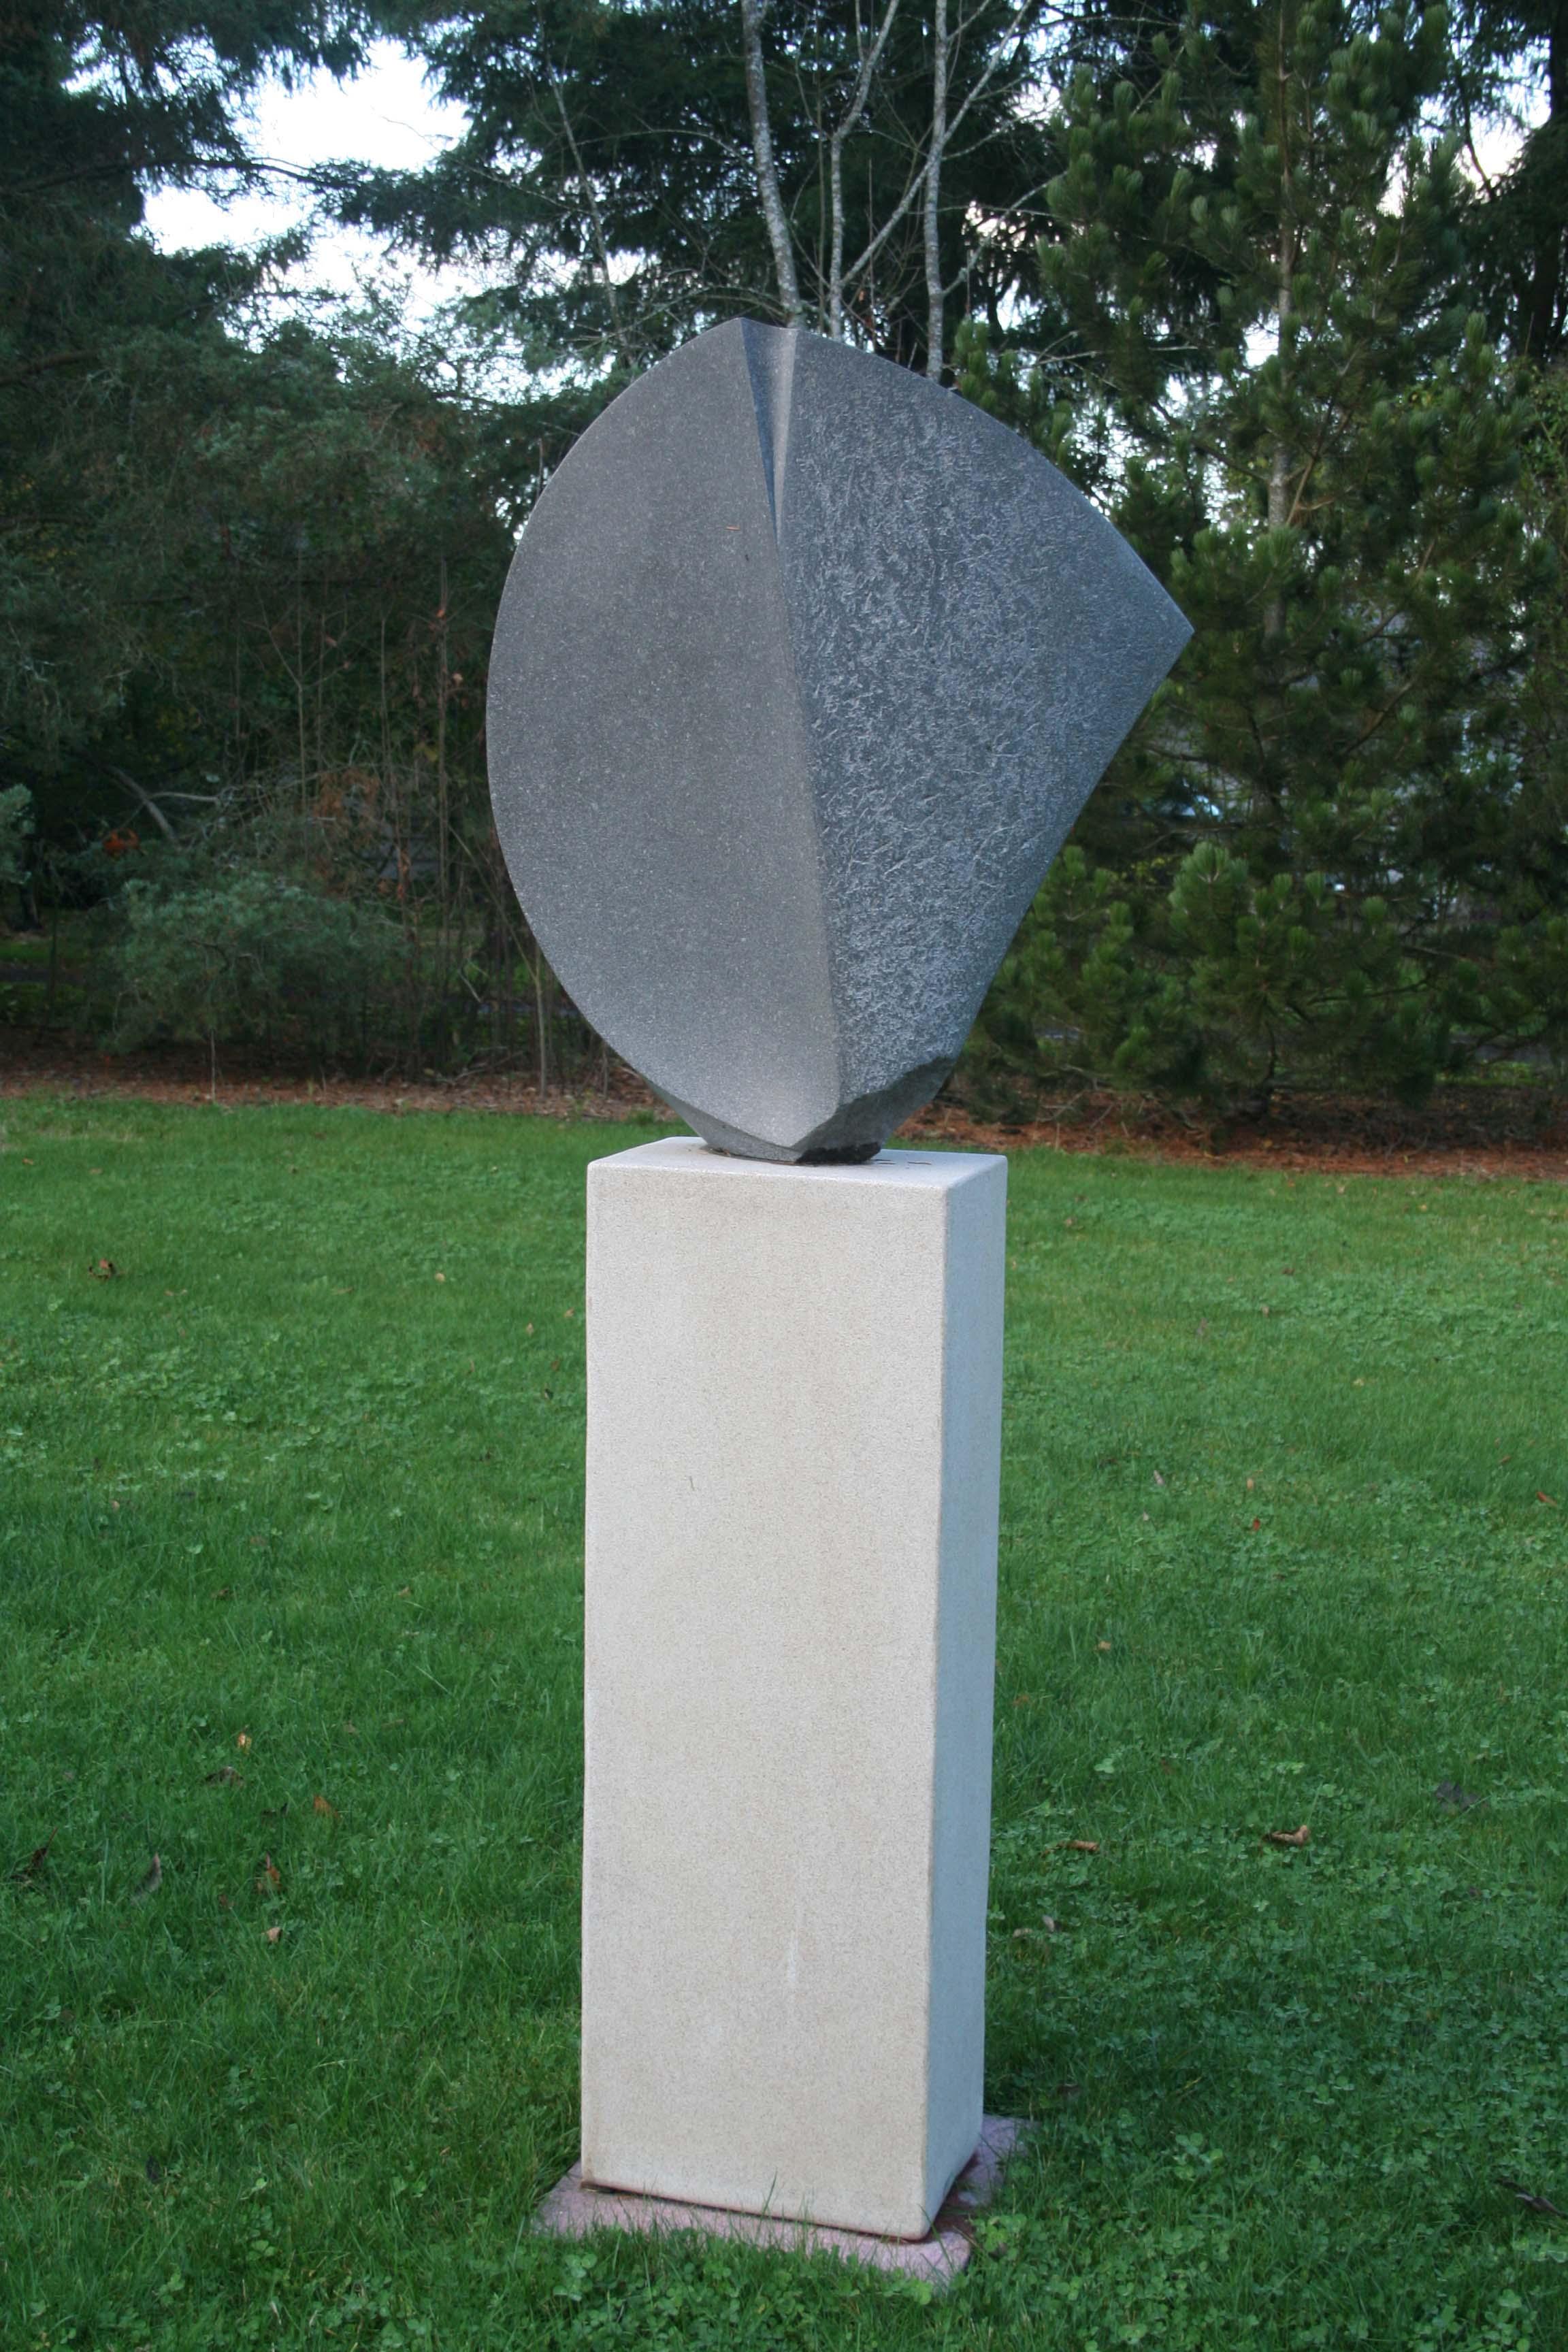 shield sculpture 001-1.JPG